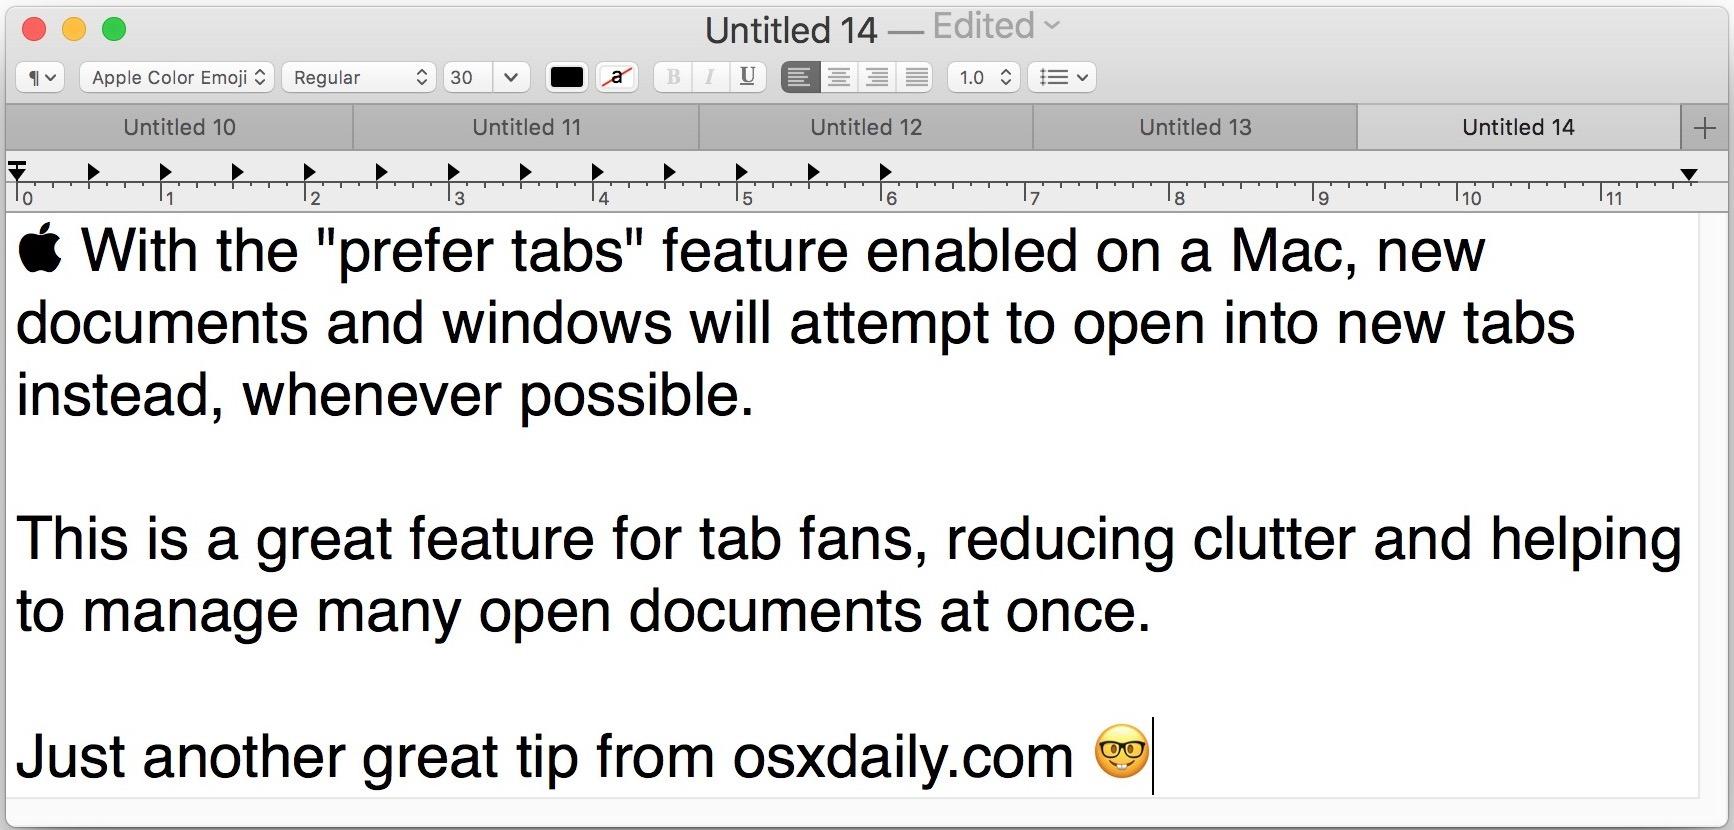 Imposta app per preferire schede su Mac